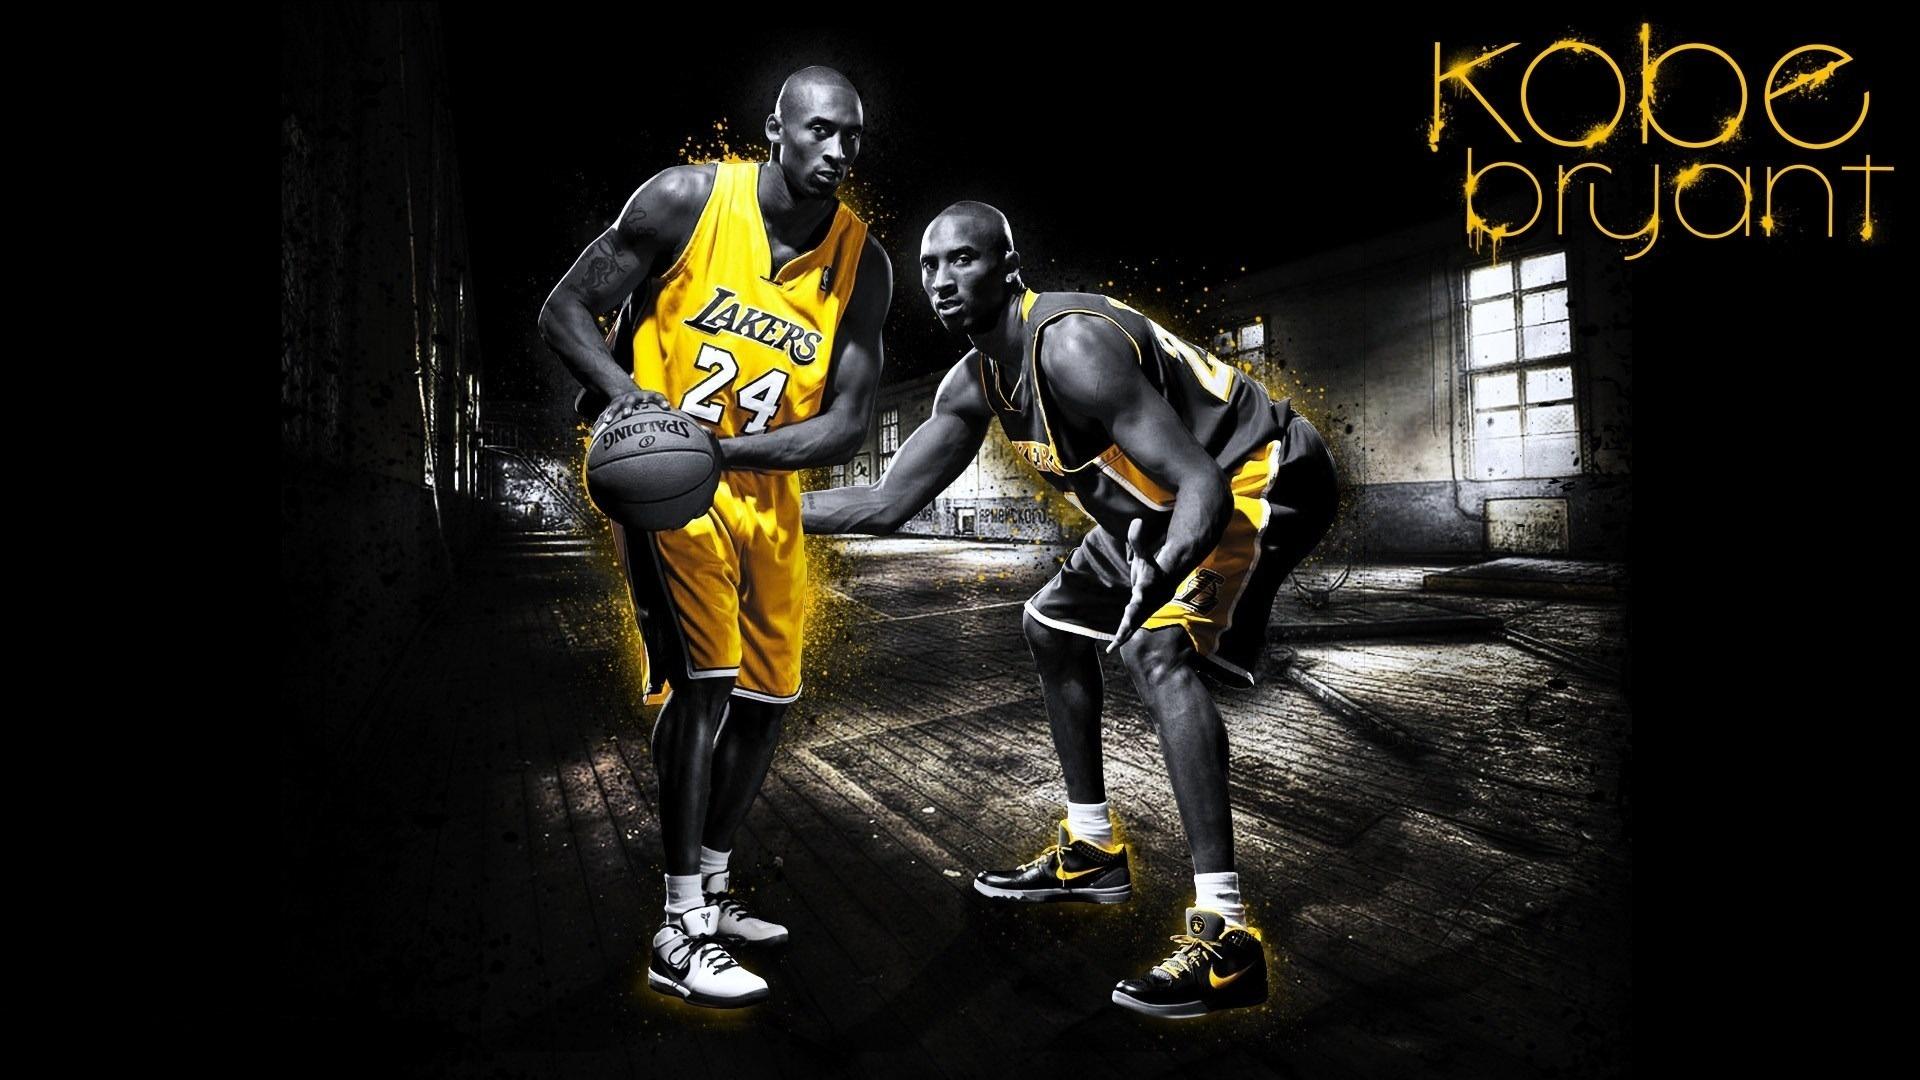 Slipknot 3d Wallpaper Lakers Wallpaper Kobe Hd Desktop Wallpapers 4k Hd